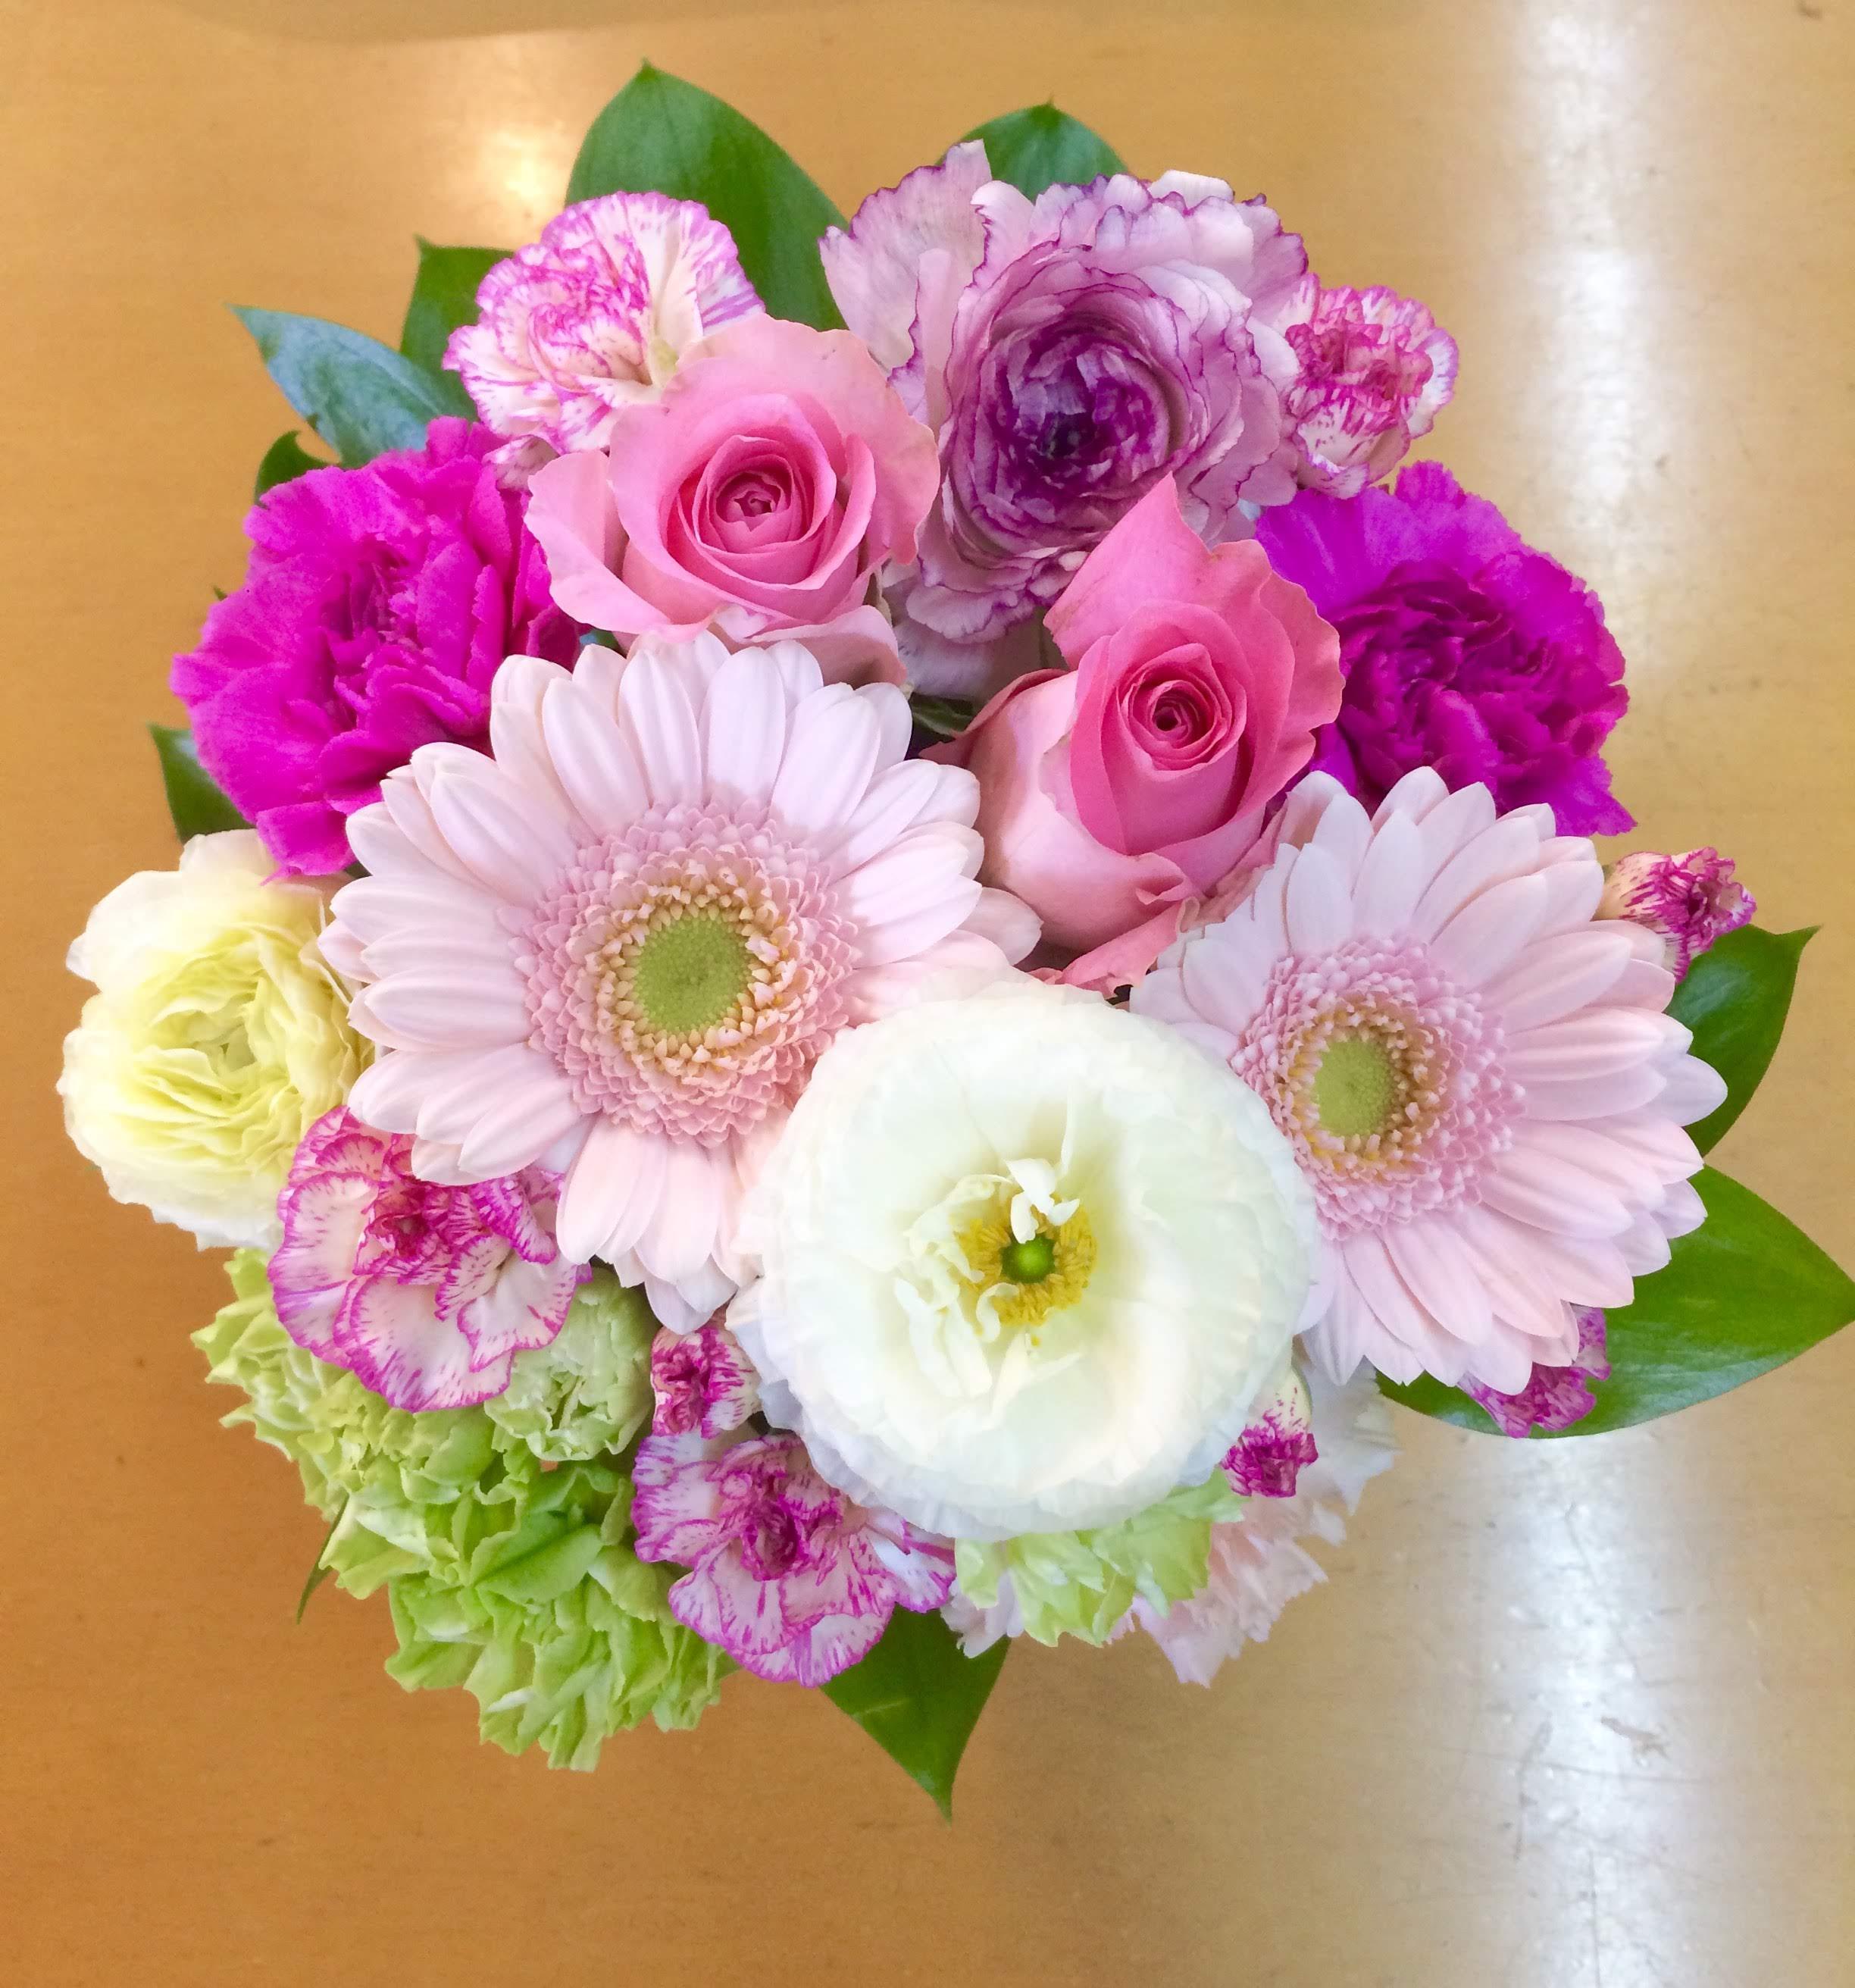 横浜市長者町のピアノ教室へスタンド花を当日即日配達しました!【横浜花屋の花束・スタンド花・胡蝶蘭・バルーン・アレンジメント配達事例348】